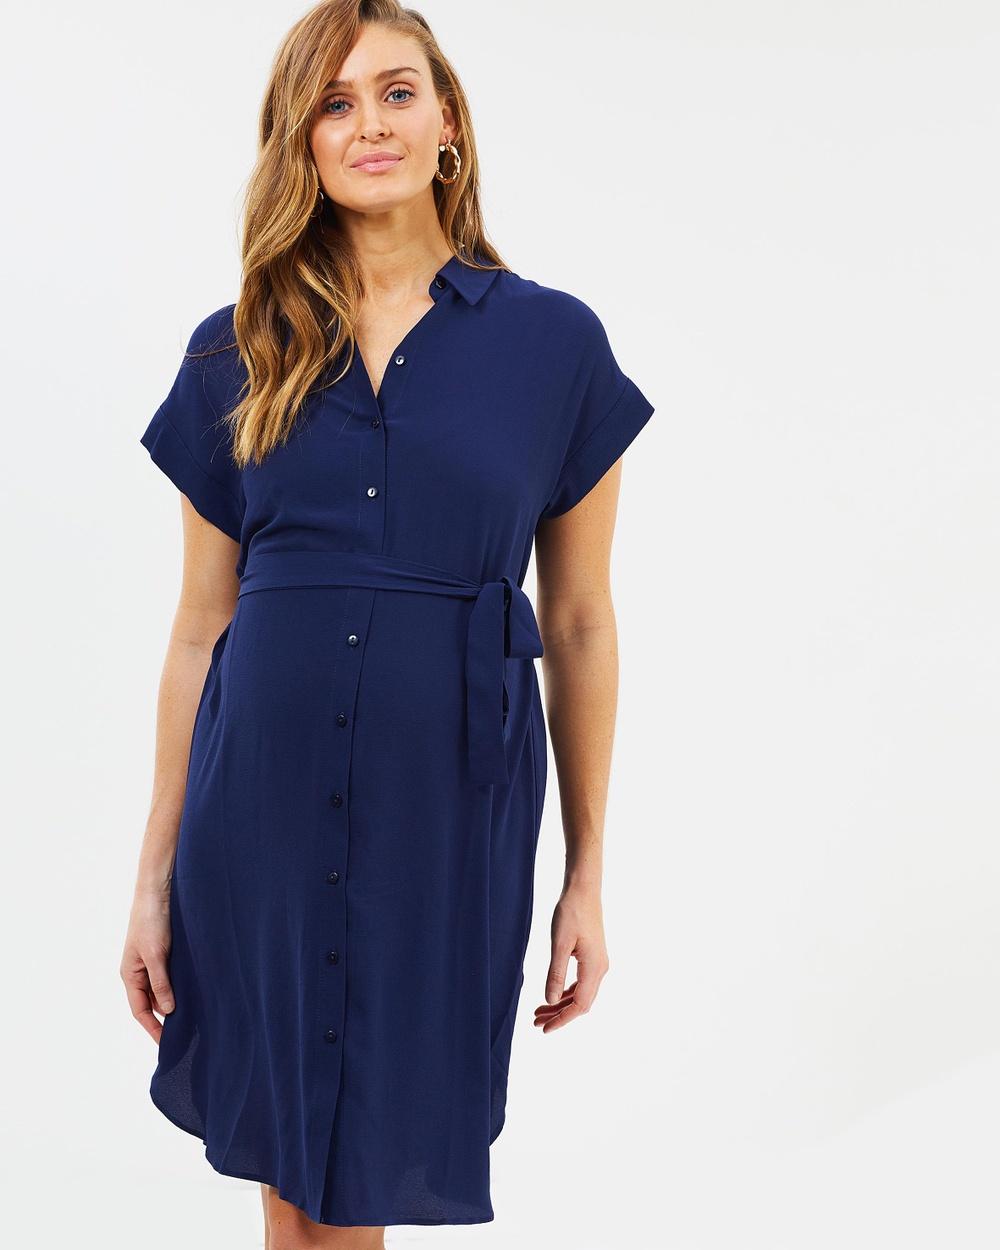 DP Maternity Shirt Dress Dresses Navy Blue Shirt Dress